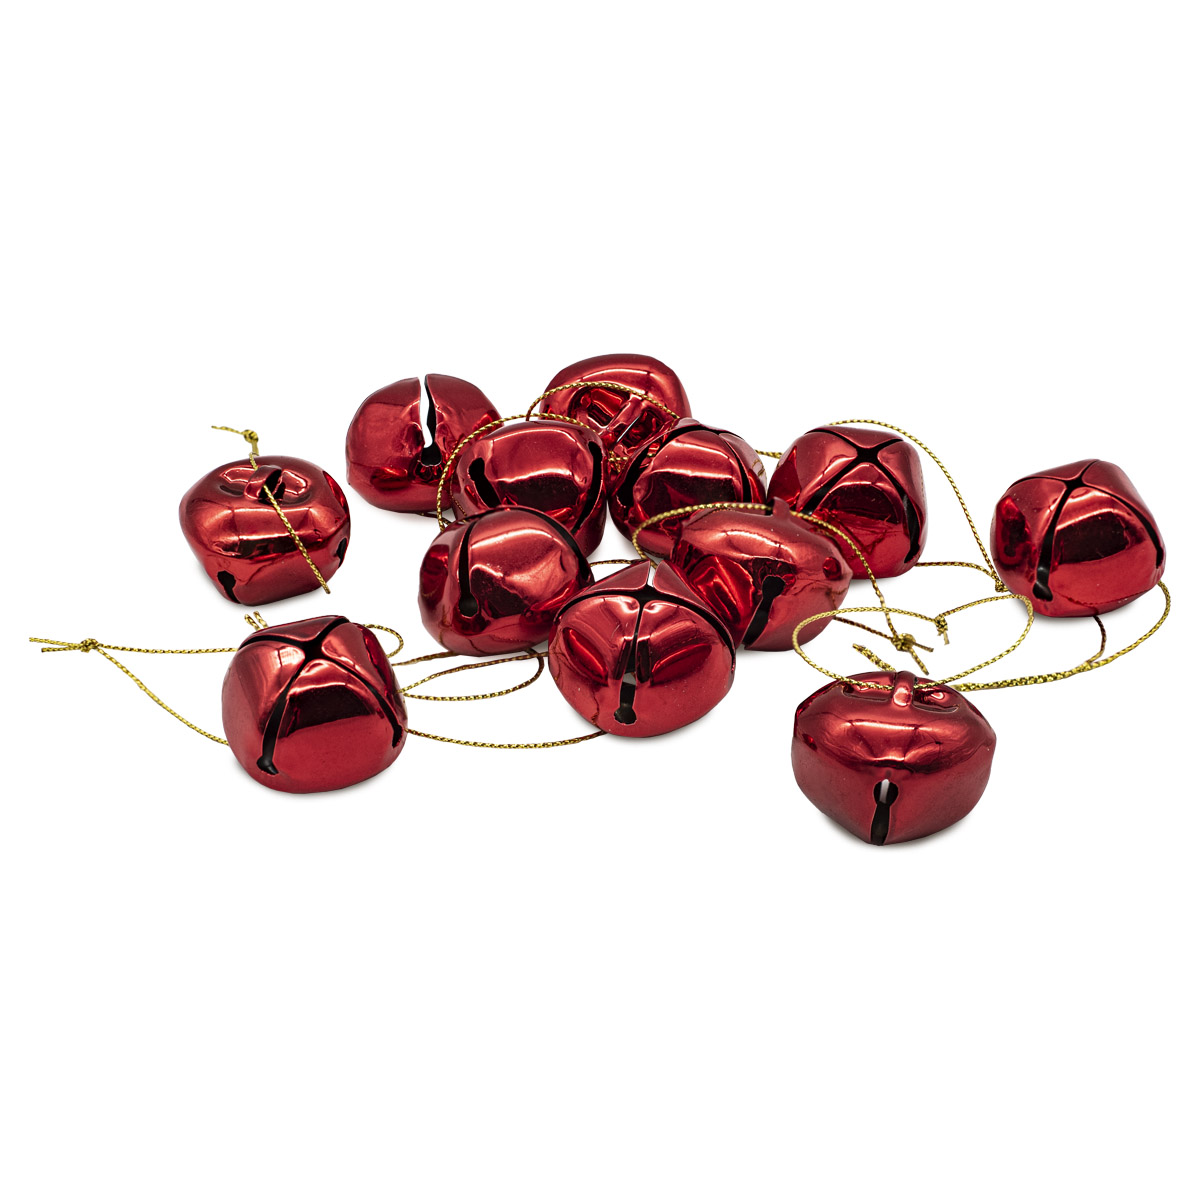 XY19-776 Бубенчики, красные, 4см, 12шт/упак.